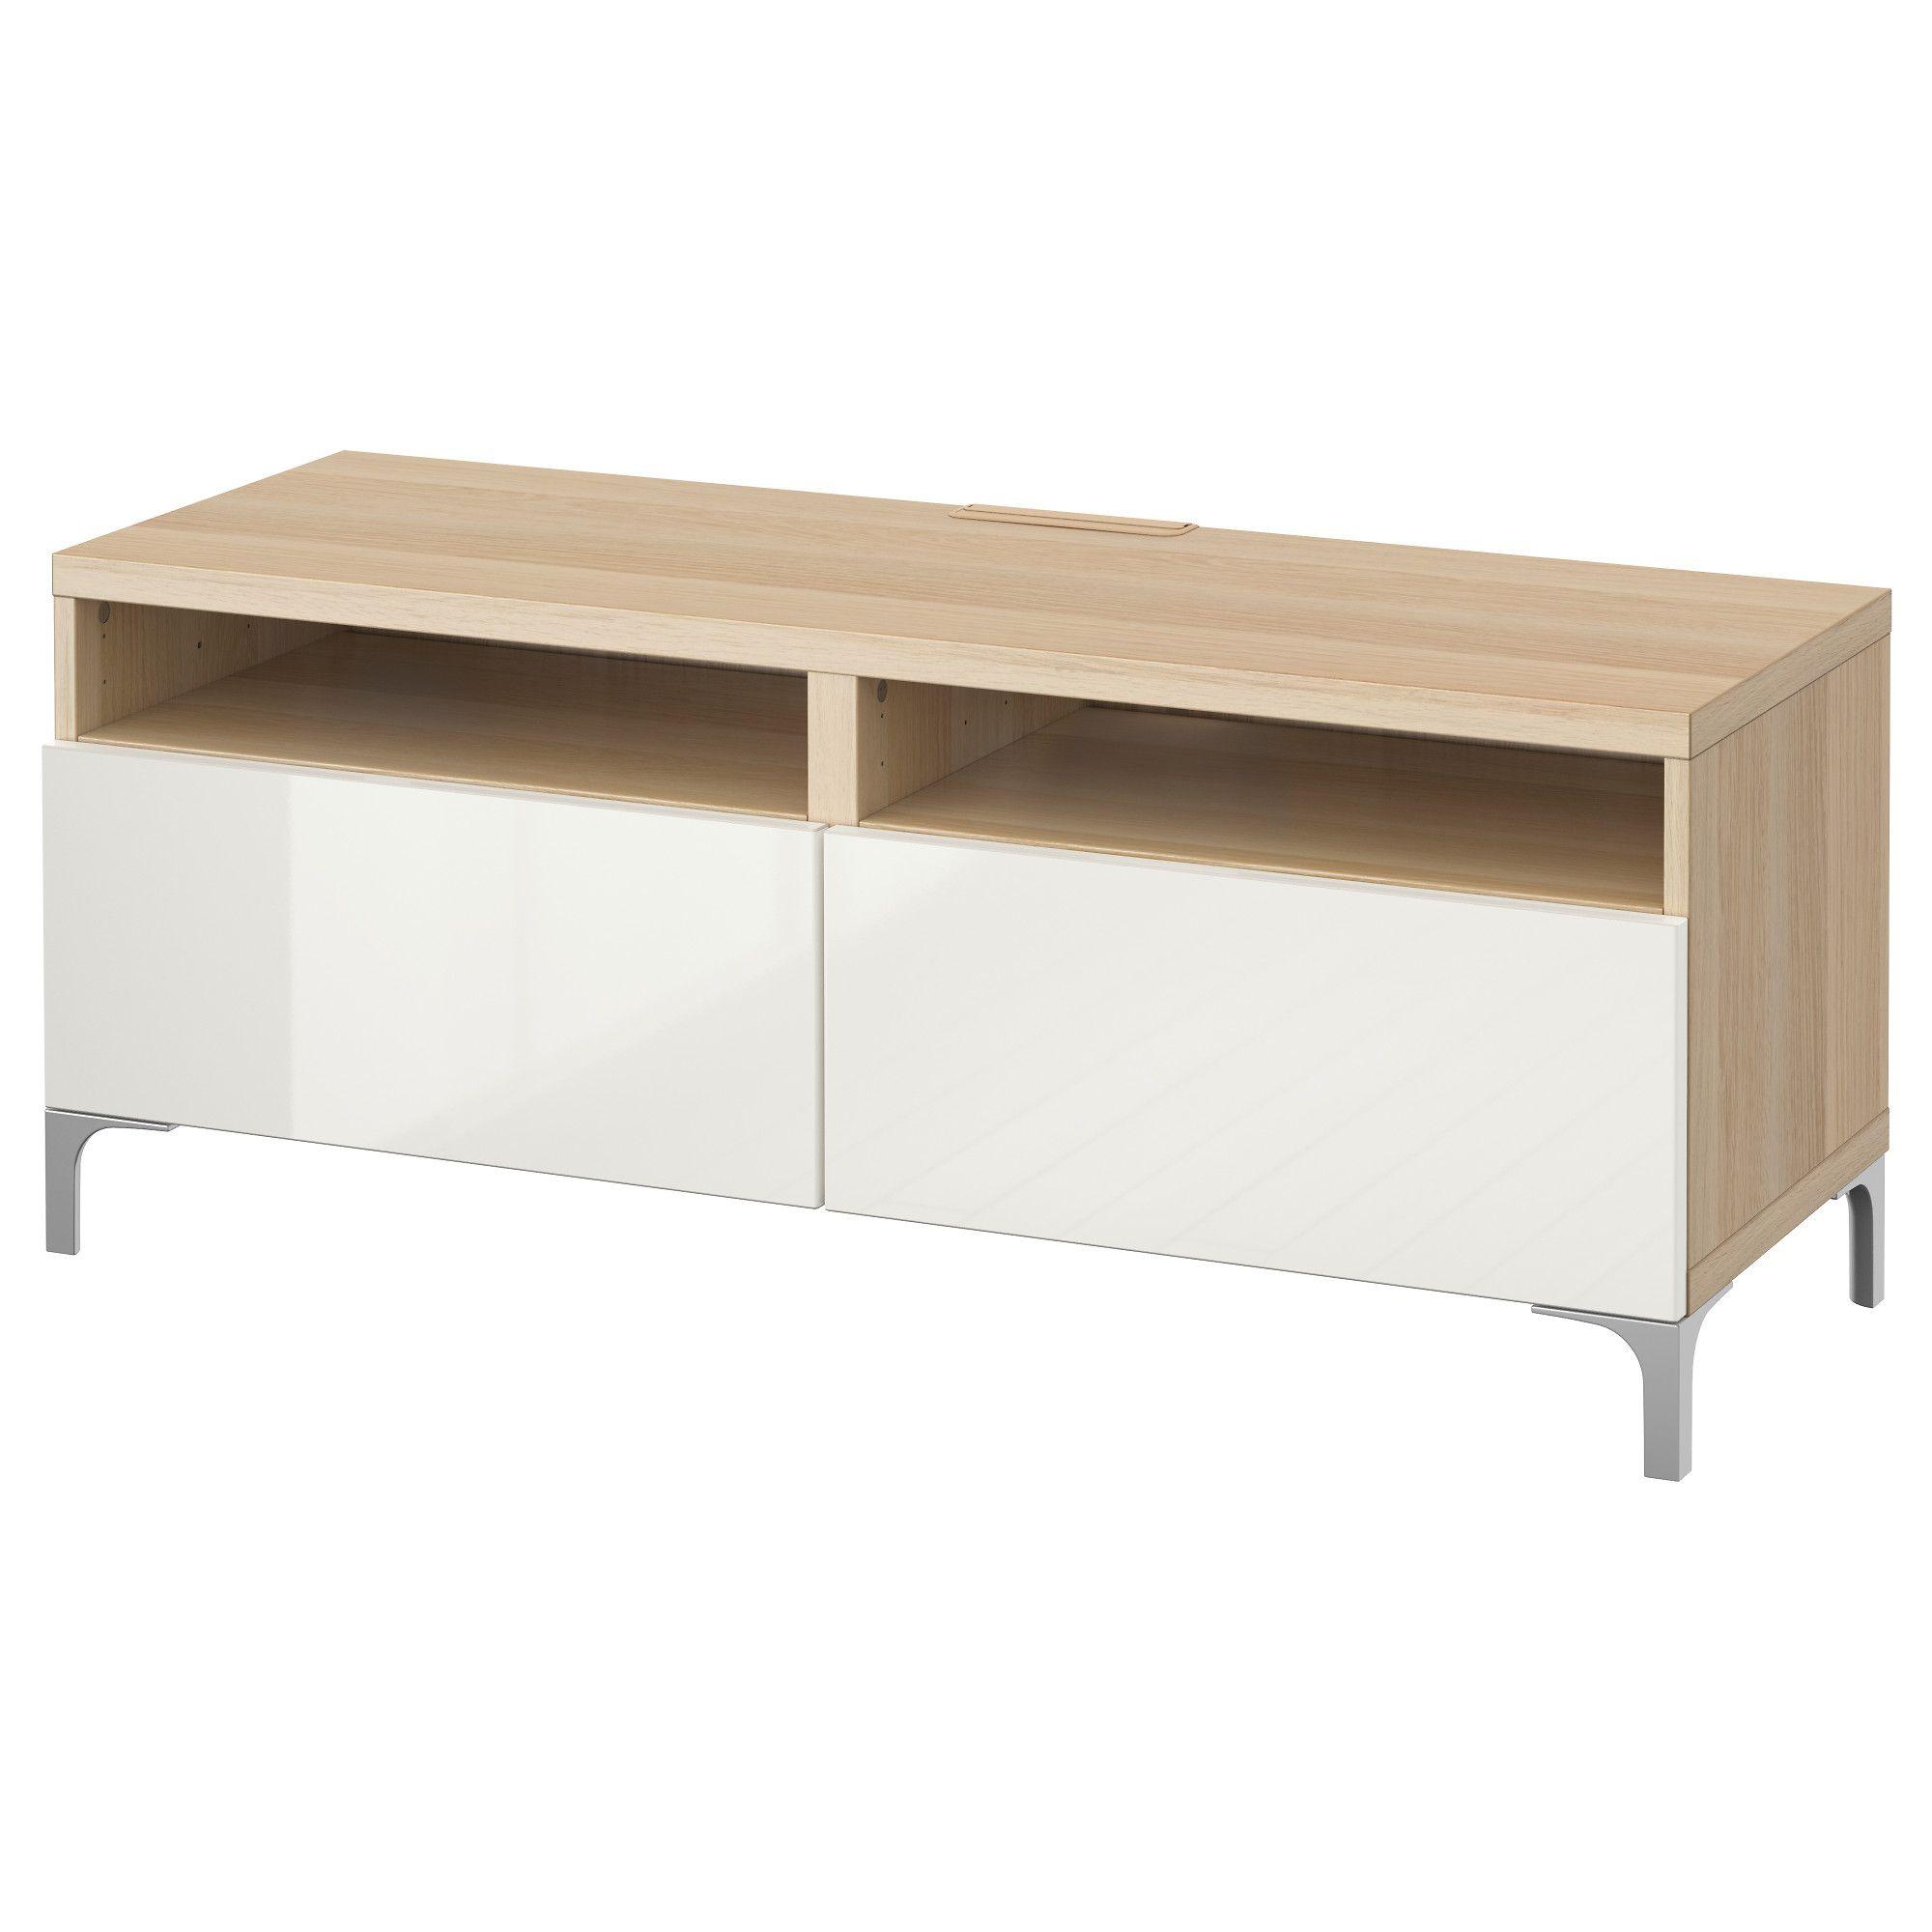 oak effect, TV bench, 120x40x48 cm IKEA